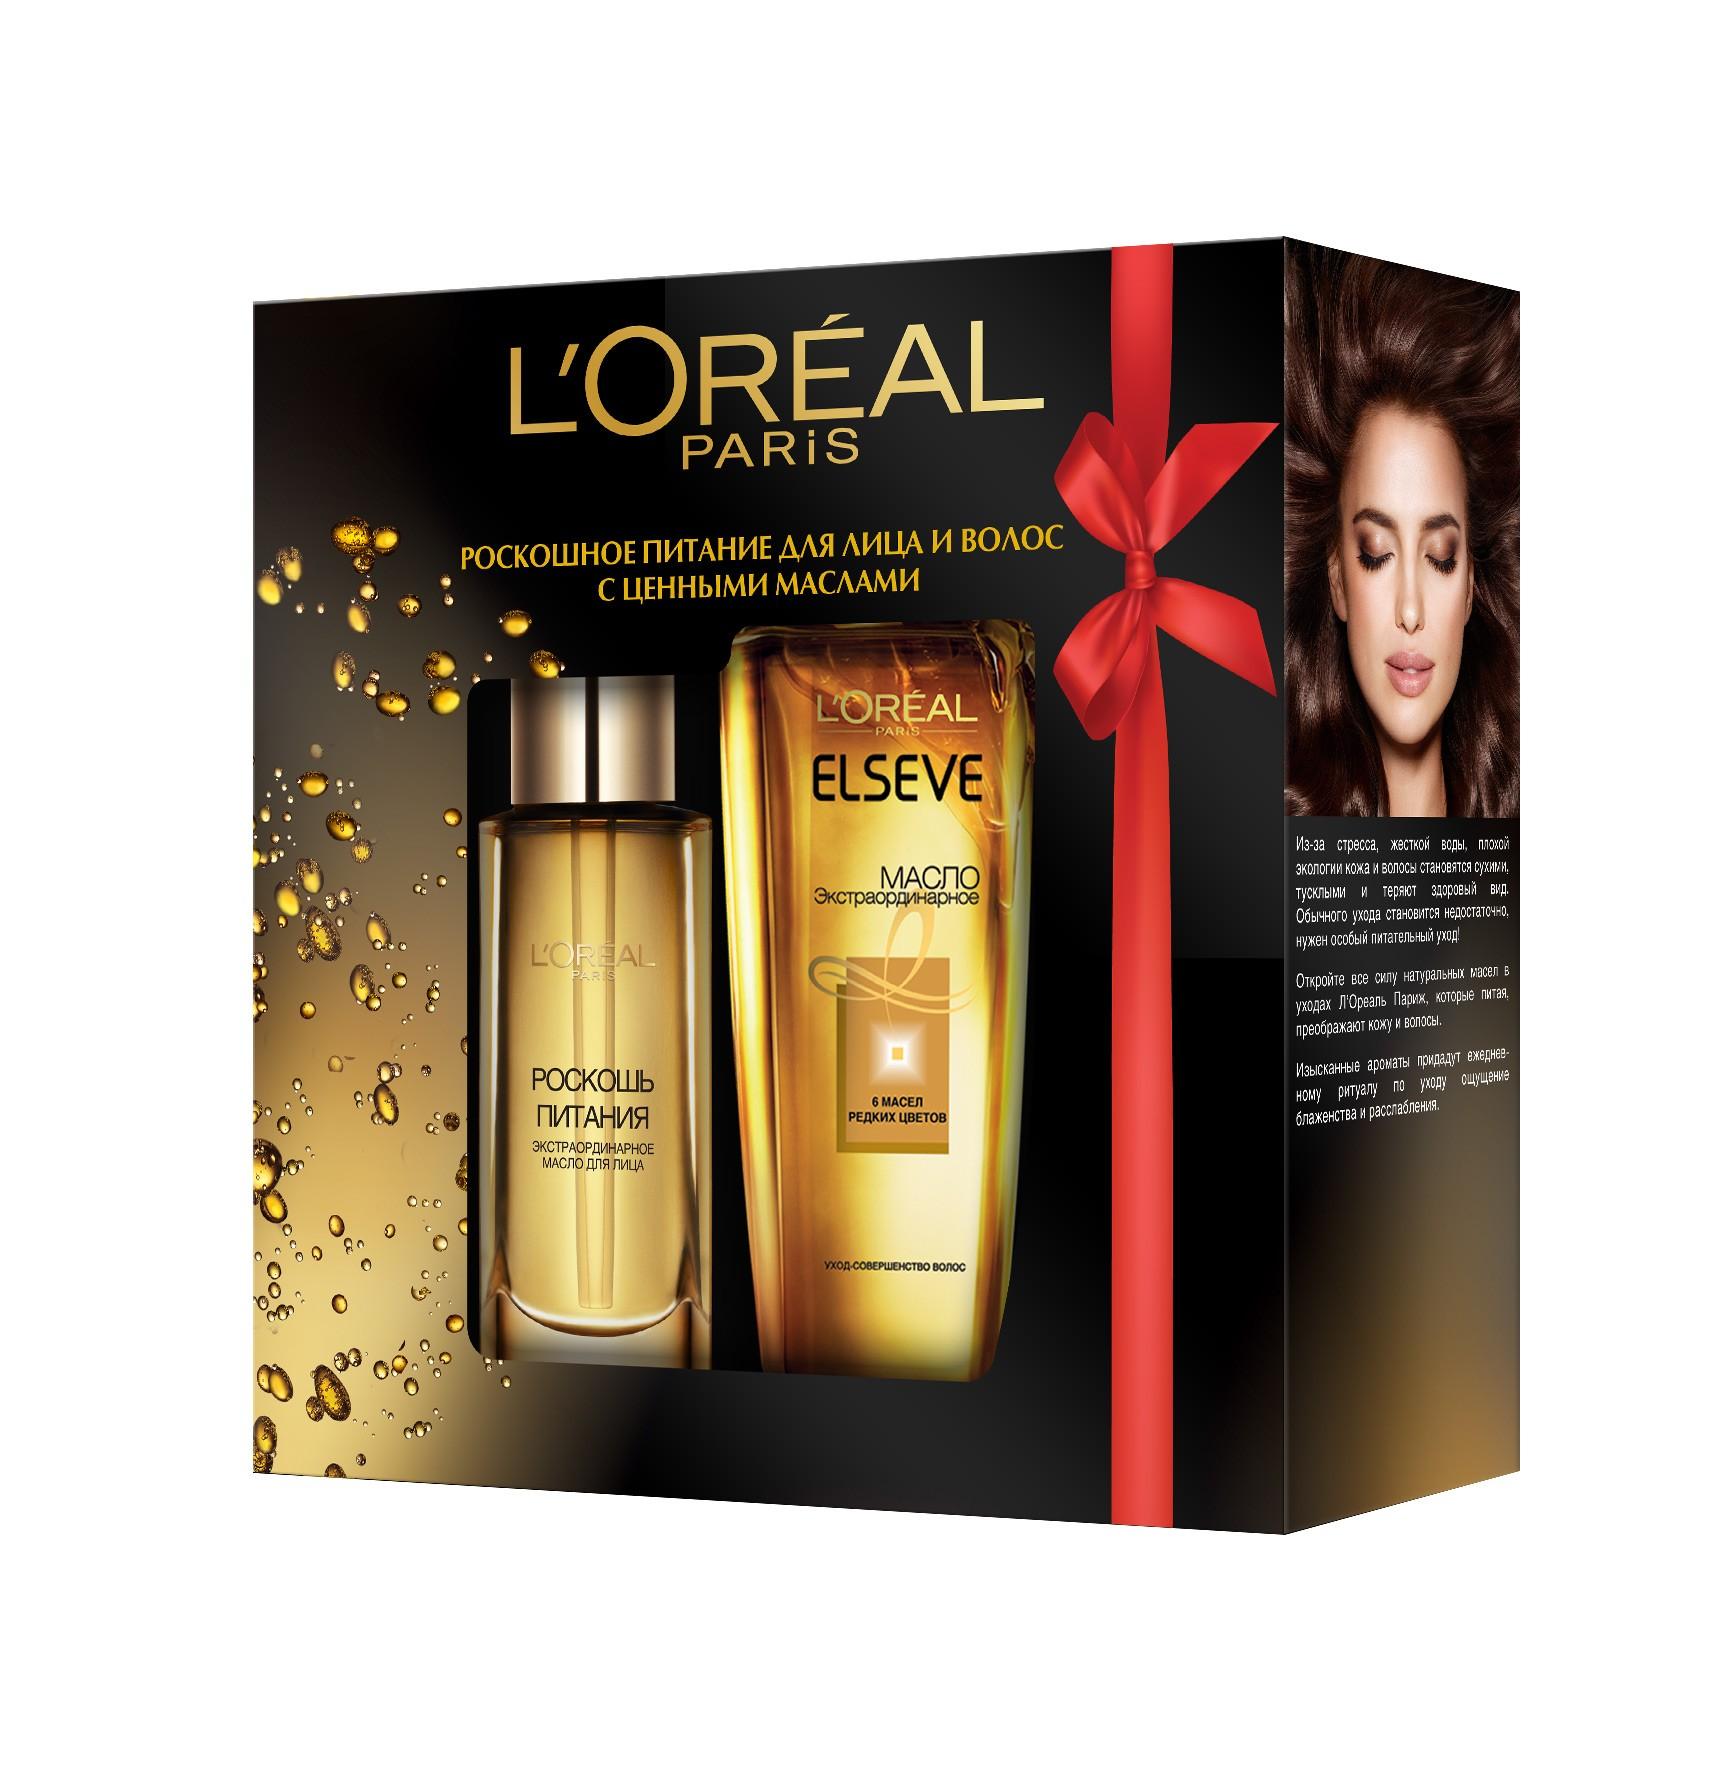 L'Oreal Paris Набор: Преображающее масло для лица Роскошь питания для всех типов кожи, 30 мл, Масло для волос Elseve. Экстраординарное, для всех типов волос, 100 мл масло эльсев экстраординарное отзывы